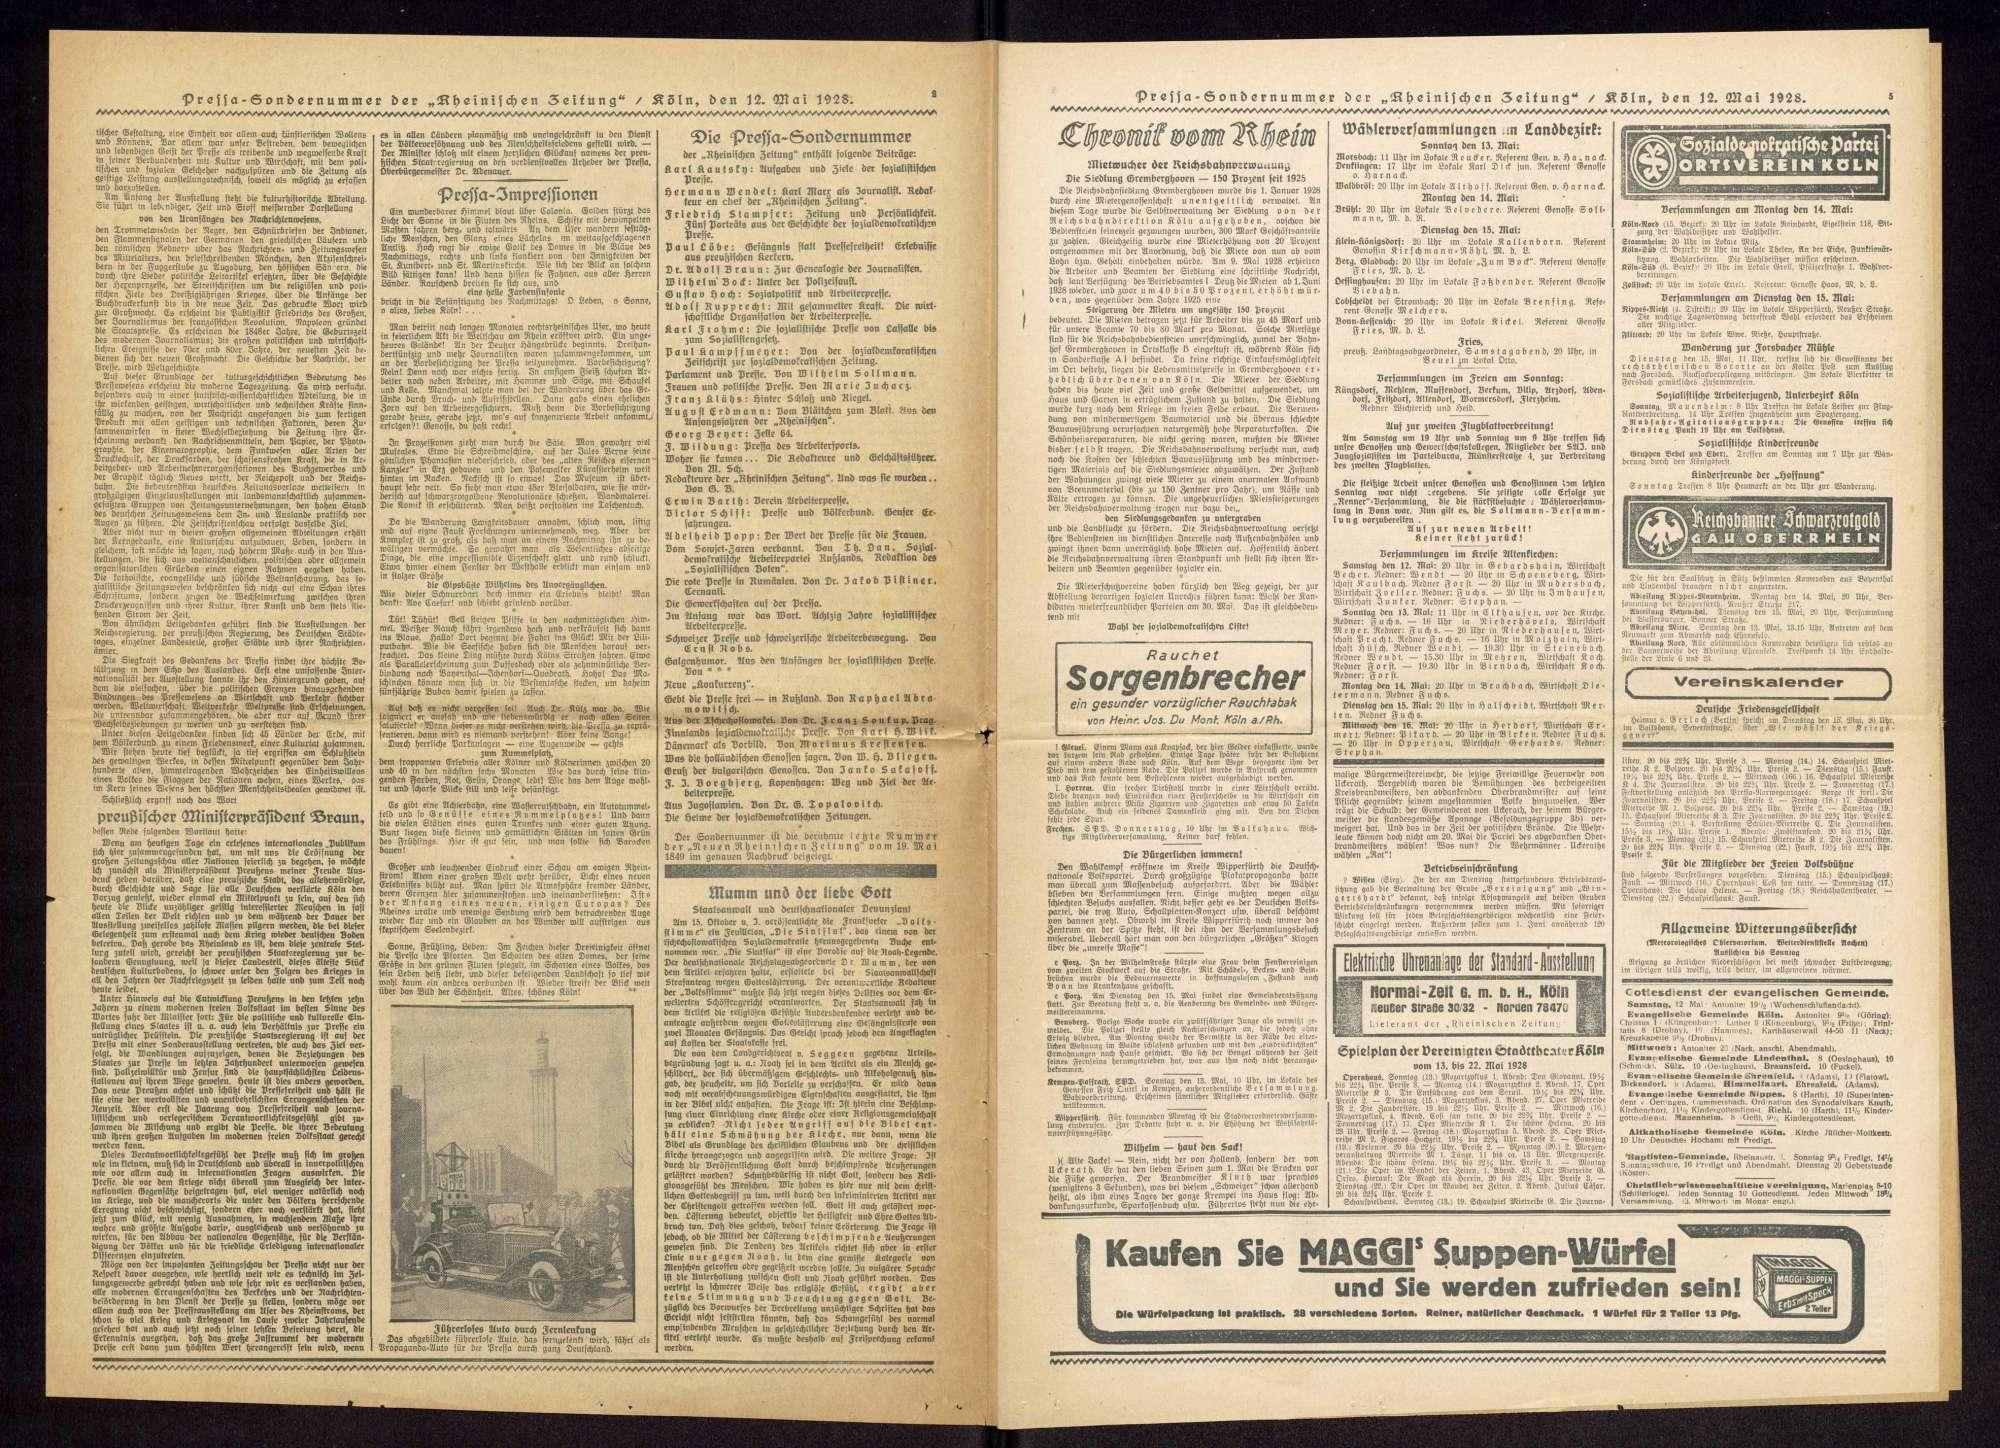 """Rheinische Zeitung. Hauptorgan der Sozialdemokratischen Partei für den Bezirk """"Obere Rheinprovinz"""", Köln, Nr. 112 v. 12.5.1928, Sondernummer zur Eröffnung der Internationalen Presseausstellung """"Pressa"""", Bild 2"""